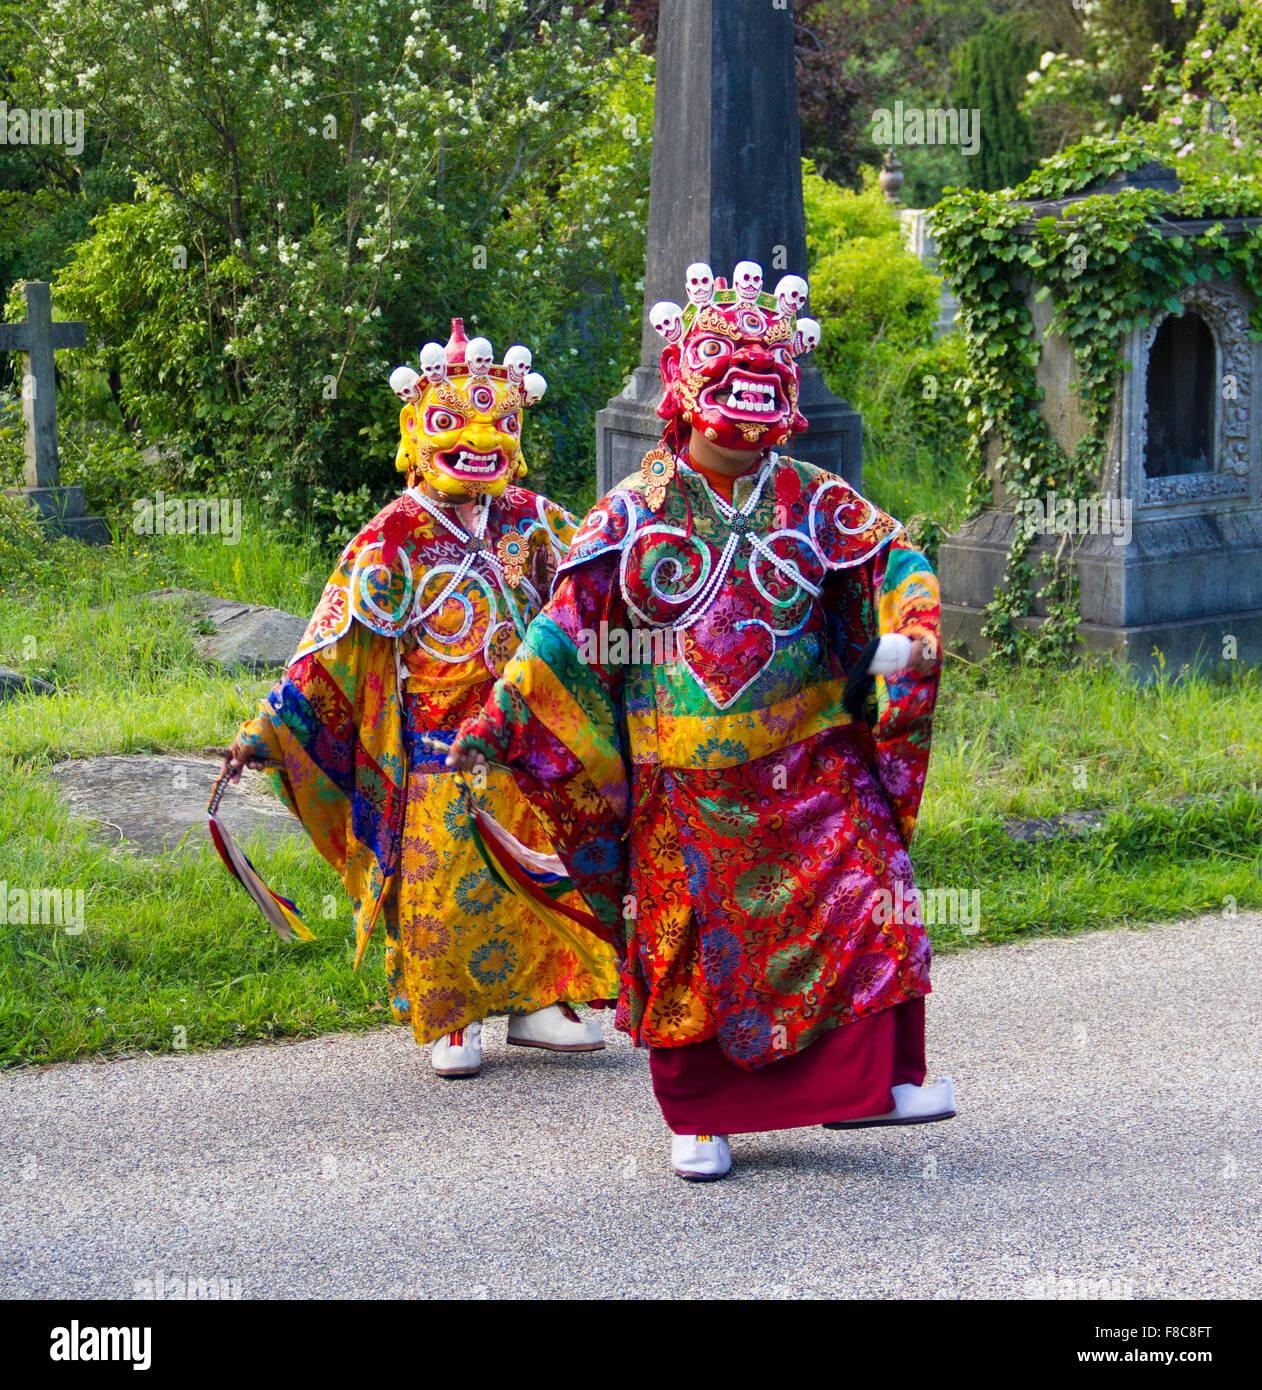 Tashi Lhunpo monks participant à un chant et performance cham au Royaume-Uni. Il s'agit d'Bakshi ou Photo Stock